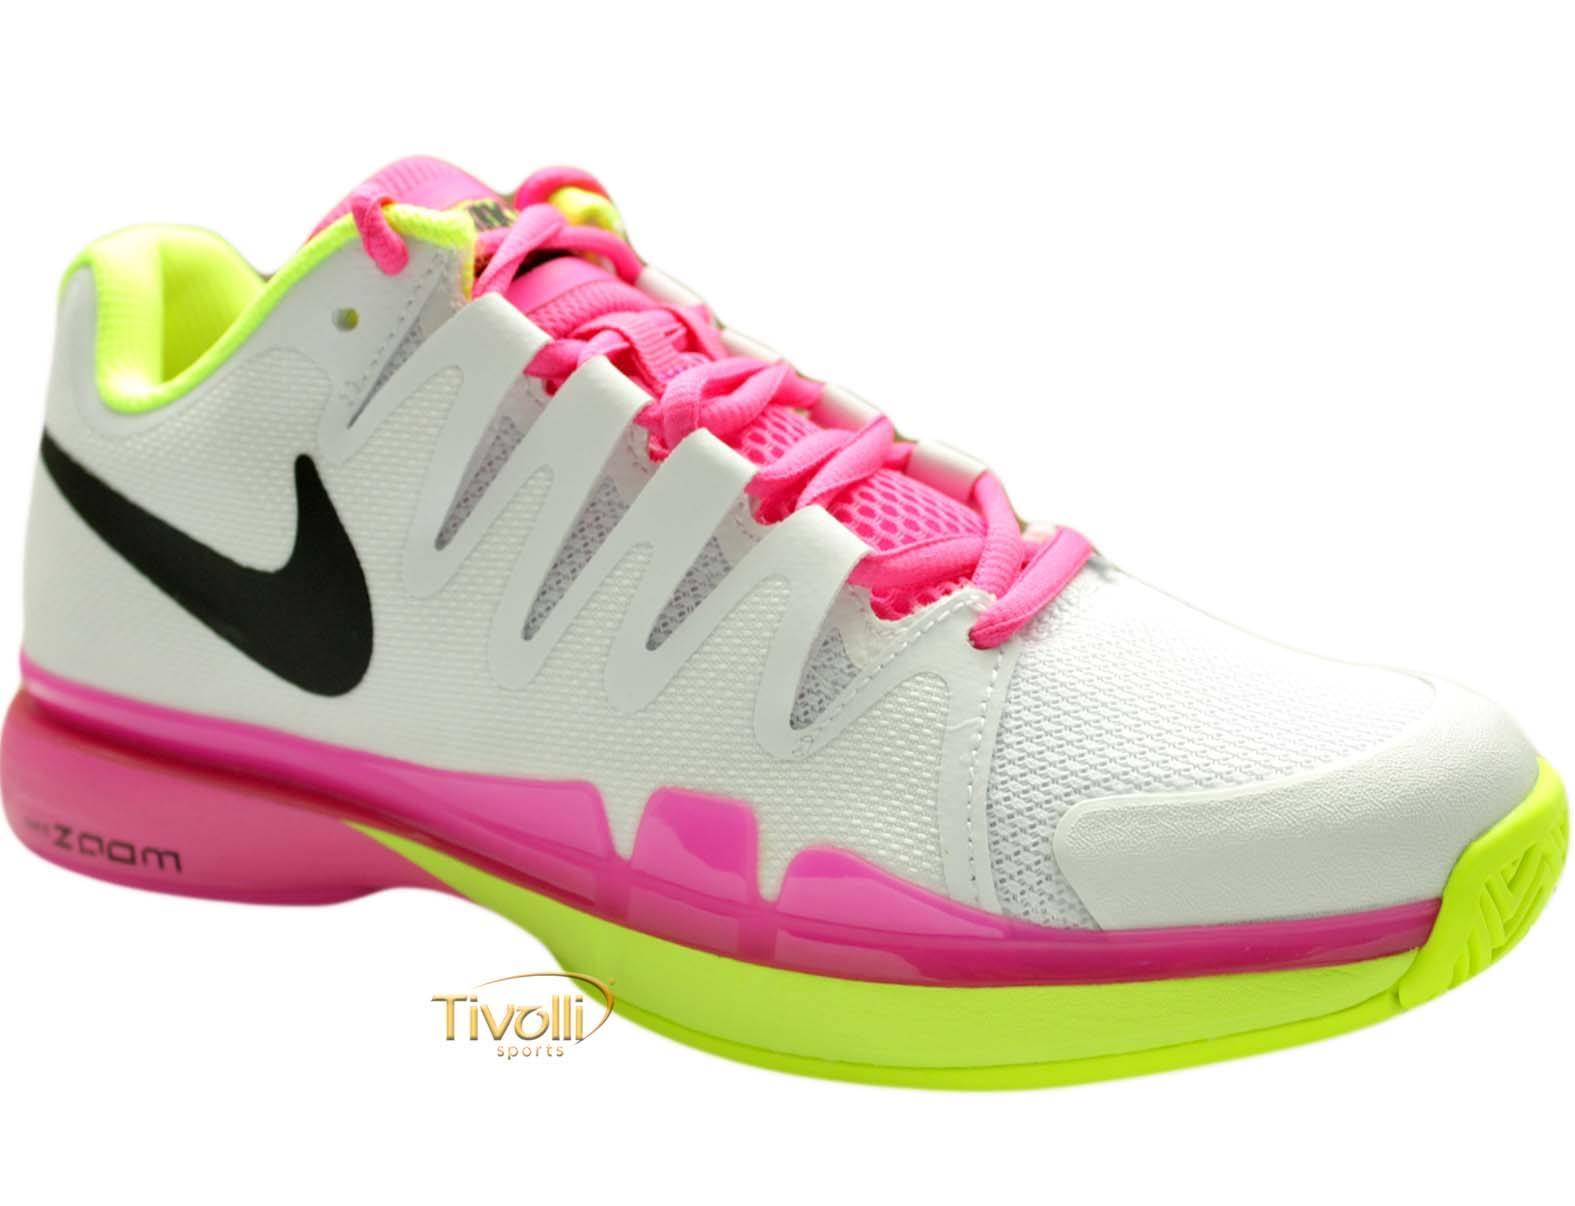 Tênis Nike Zoom Vapor 9.5 Tour   feminino branco rosa e amarelo   ba1a035af3fed